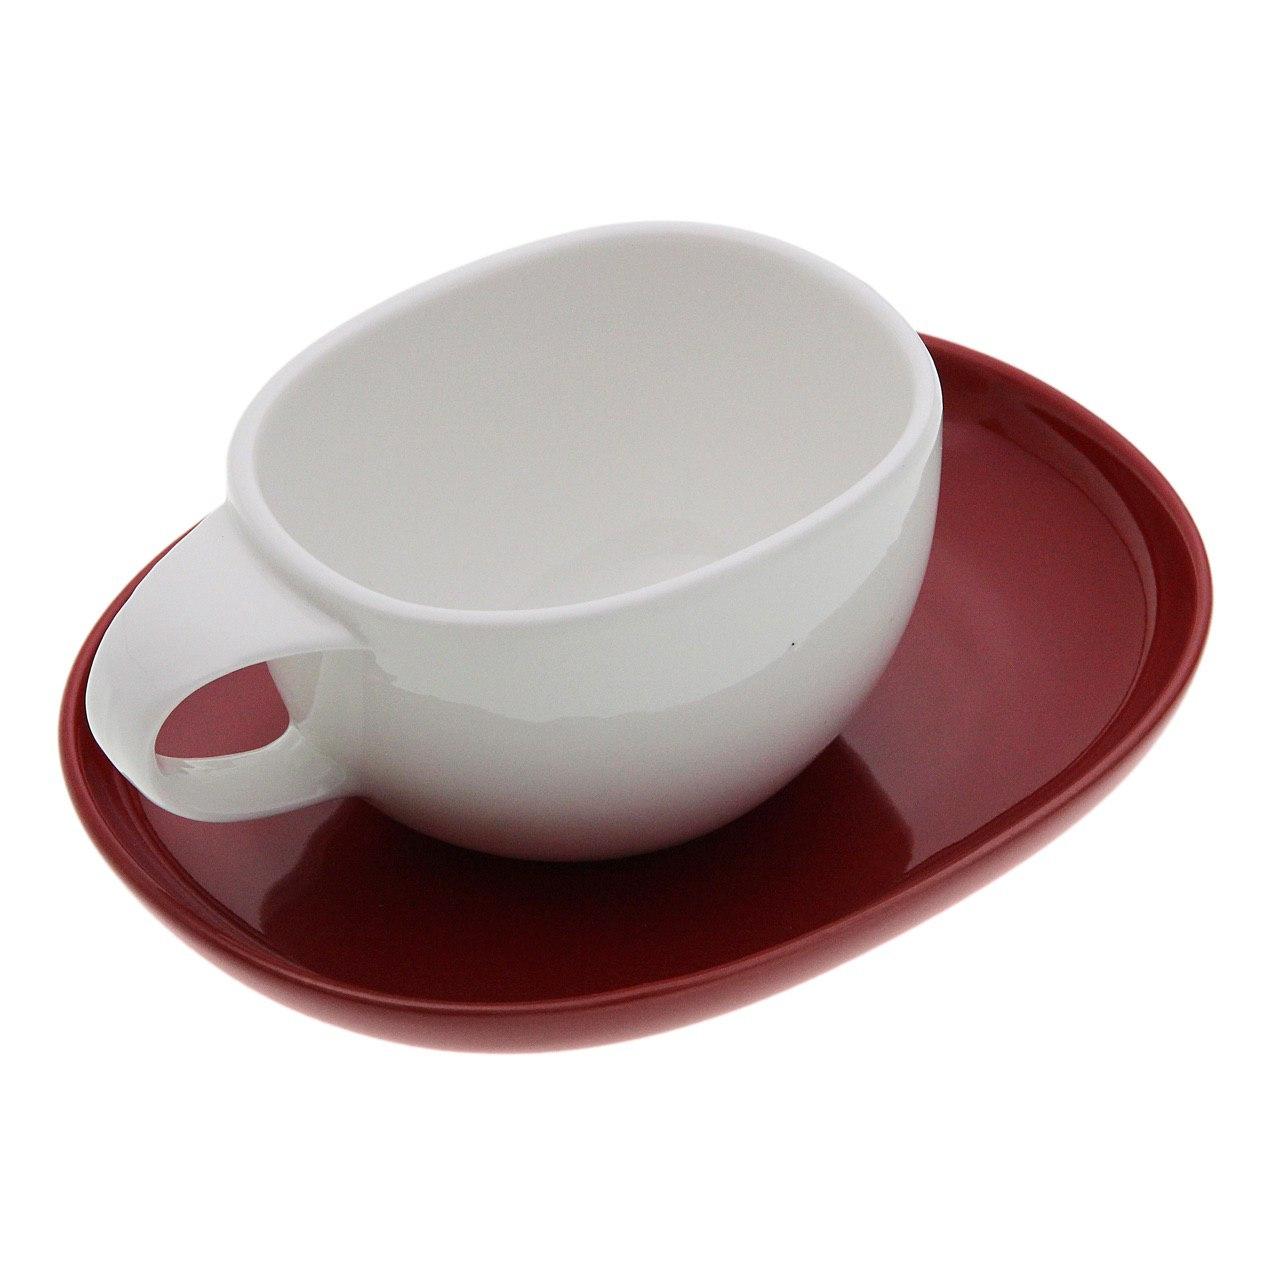 سرویس قهوه خوری 12 پارچه وان کافی مدل بارکا کالر کد JX002-300-C